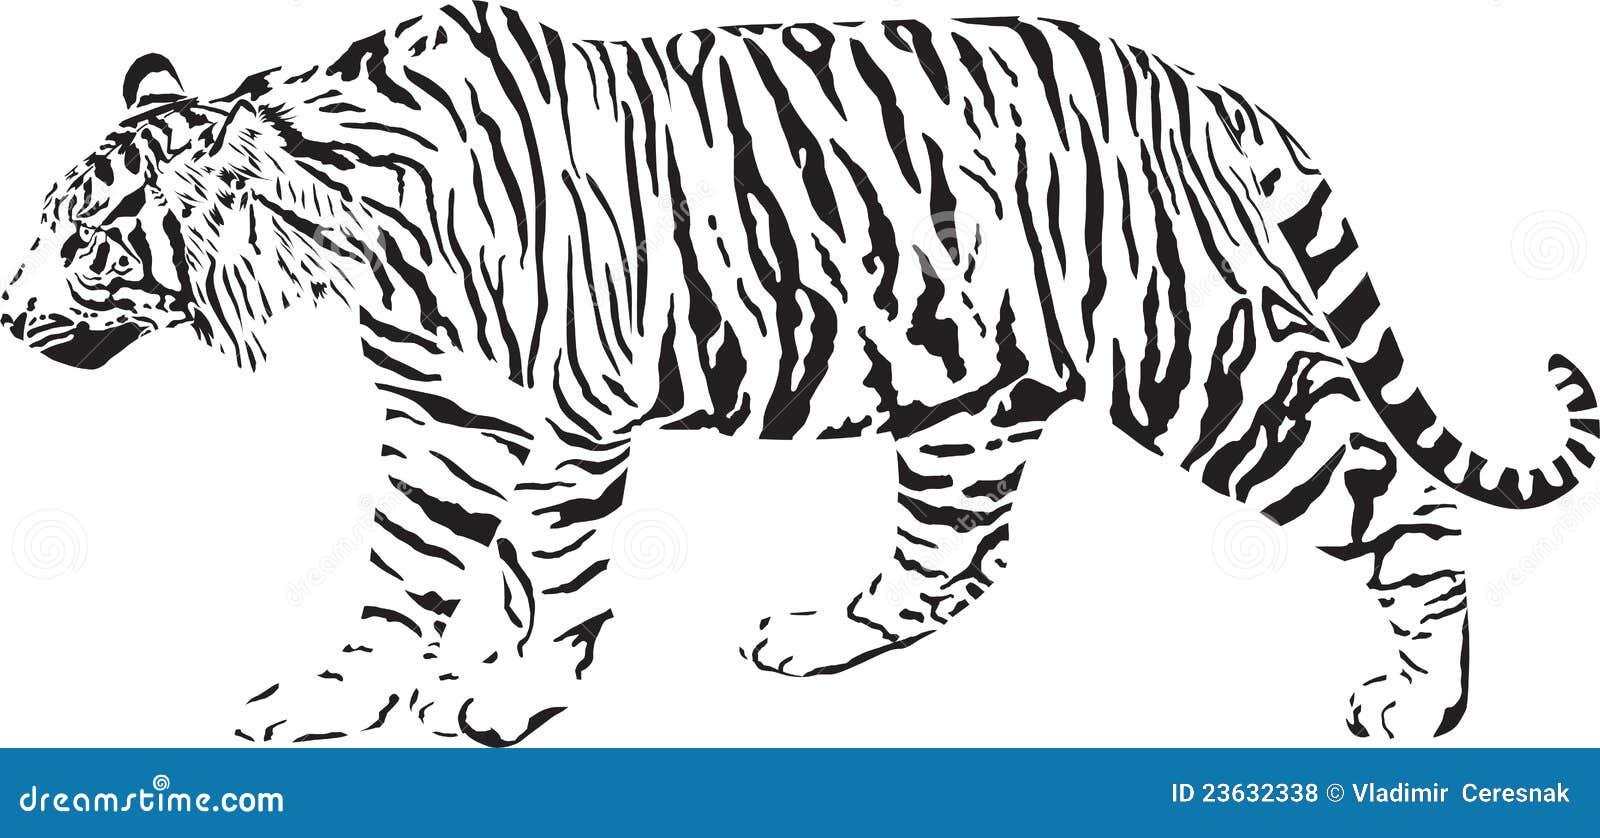 tigre noir et blanc photos libres de droits image 23632338. Black Bedroom Furniture Sets. Home Design Ideas